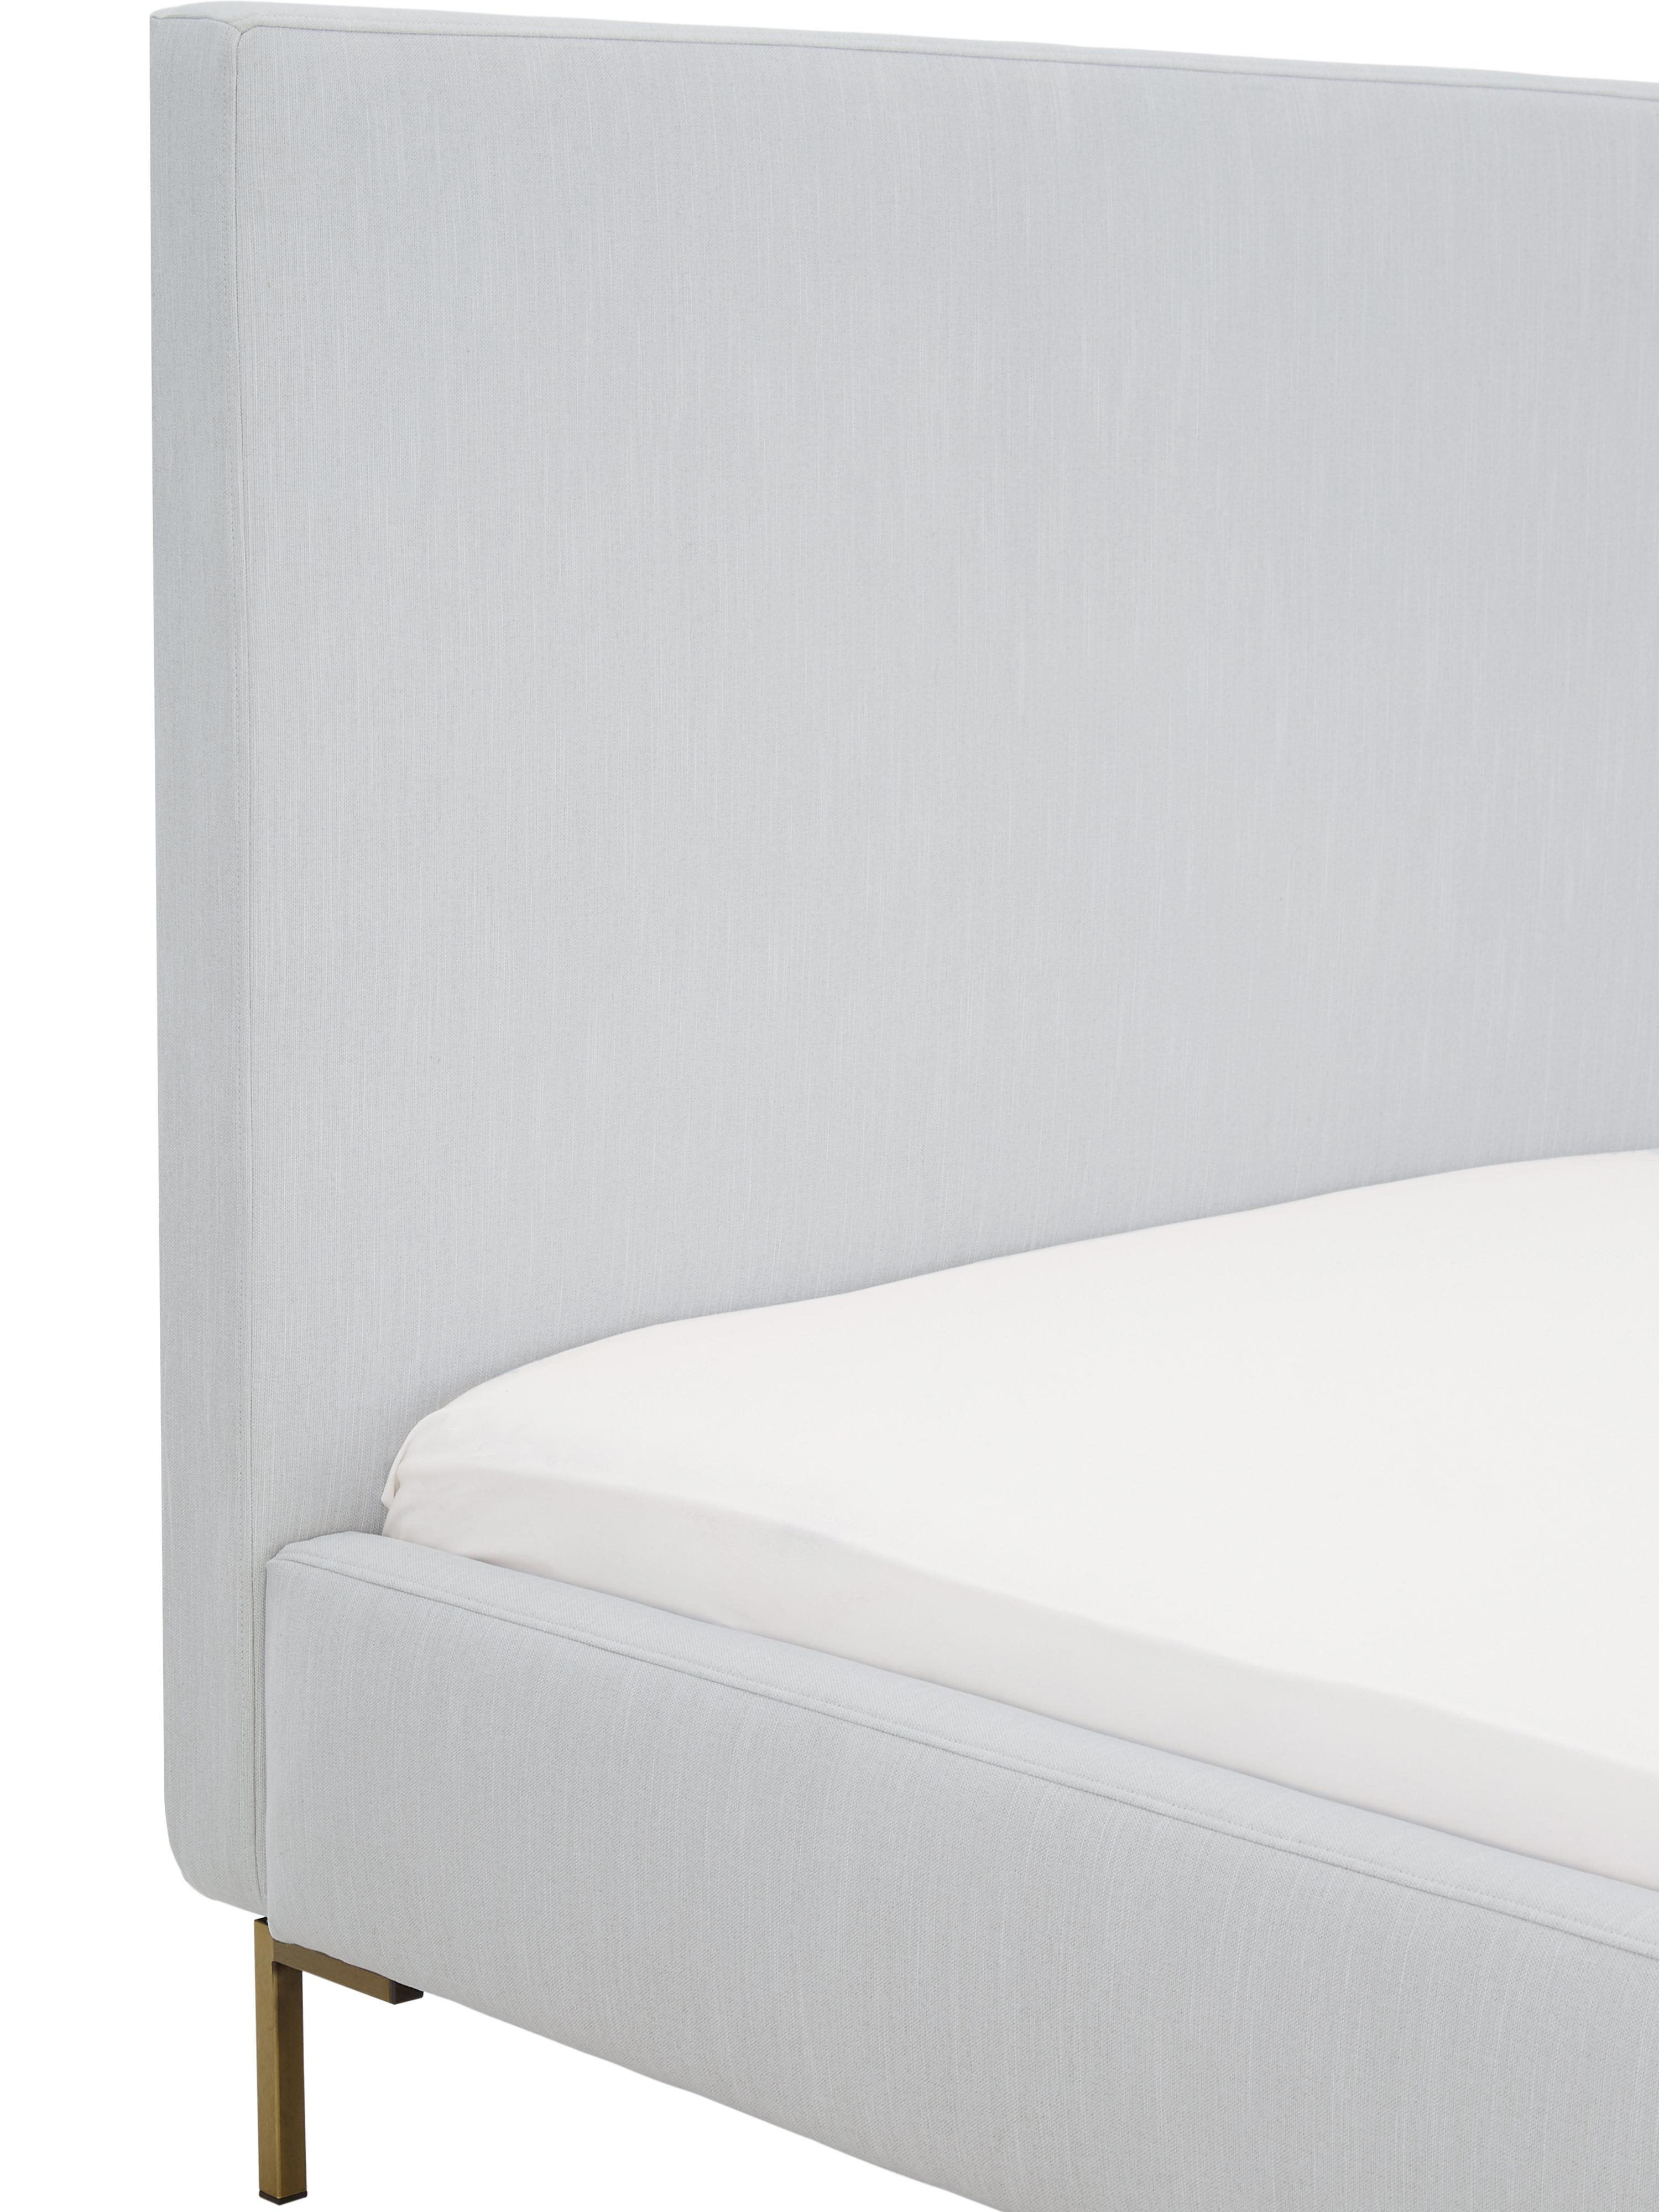 Letto imbottito in velluto grigio chiaro Peace, Piedini: metallo verniciato a polv, Rivestimento: velluto di poliestere 30., Rivestimento: grigio chiaro Piedini: dorato opaco, 200 x 200 cm